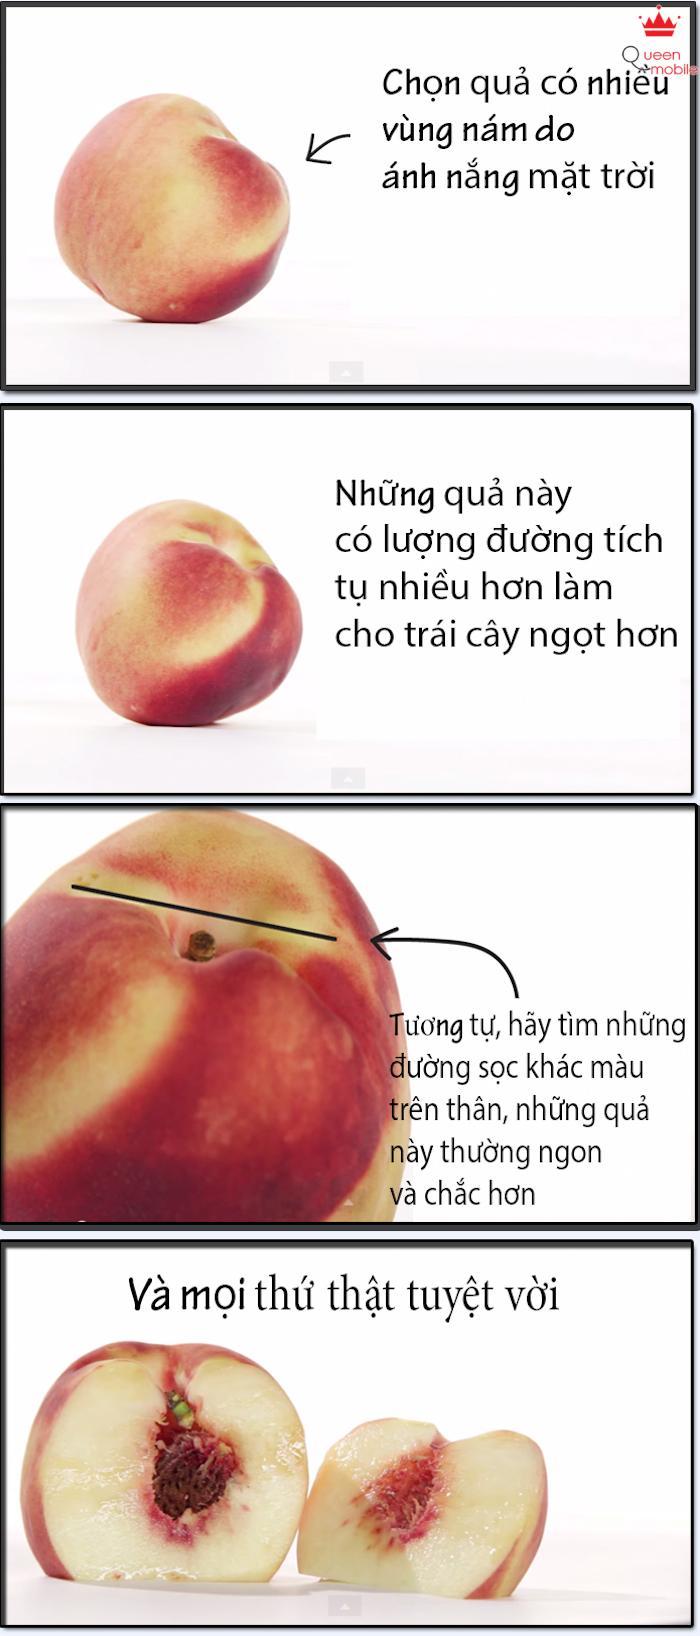 7 sai lầm khi chọn mua trái cây